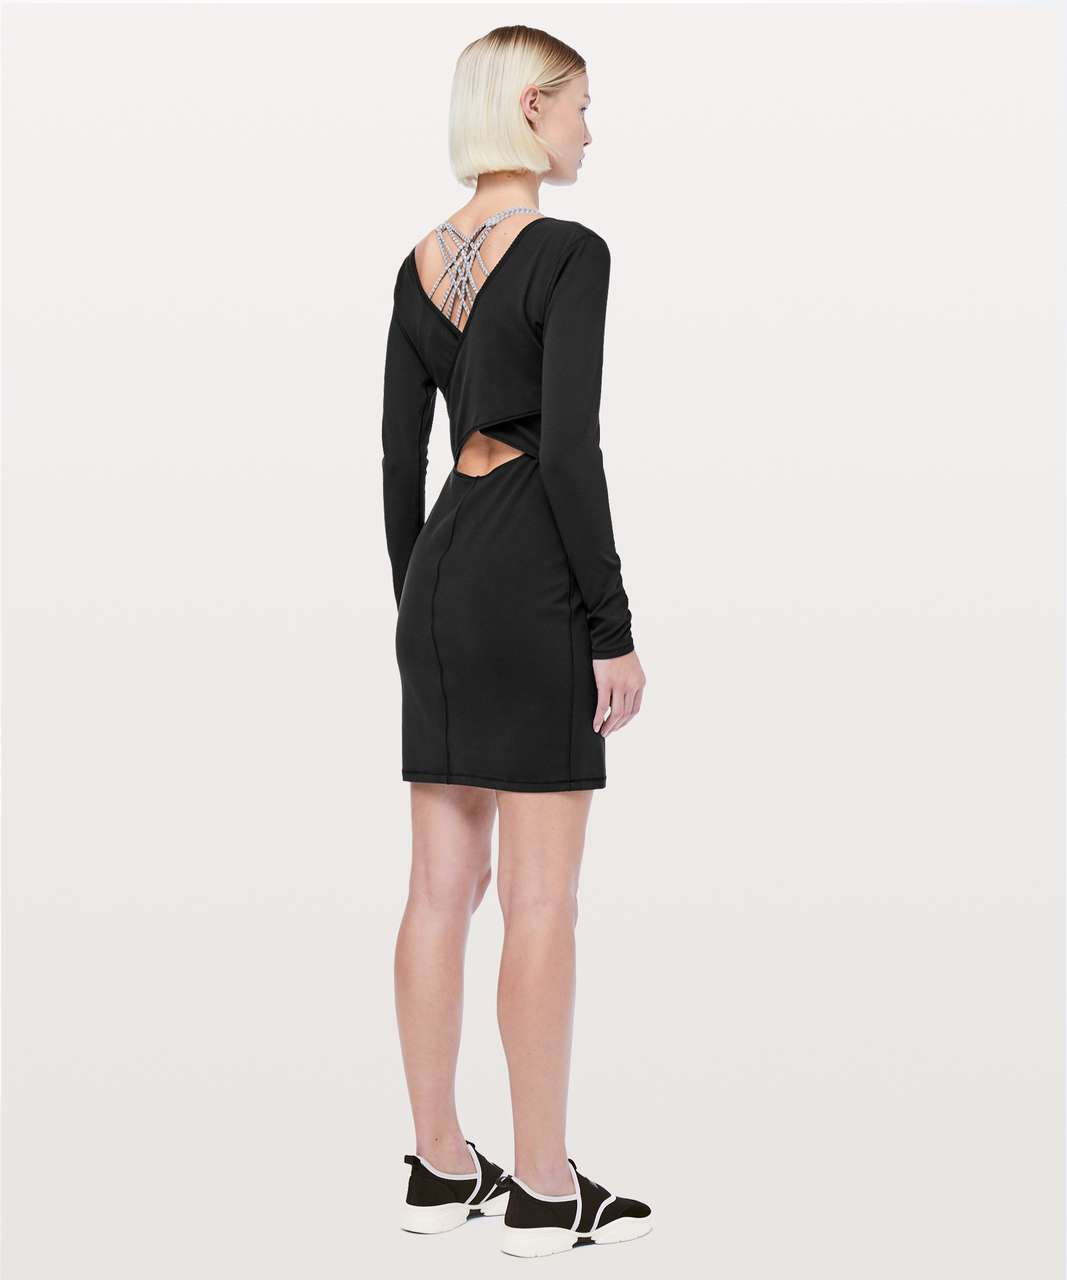 0d15641a70 Lululemon Contour Dress *Nulu - Black - lulu fanatics